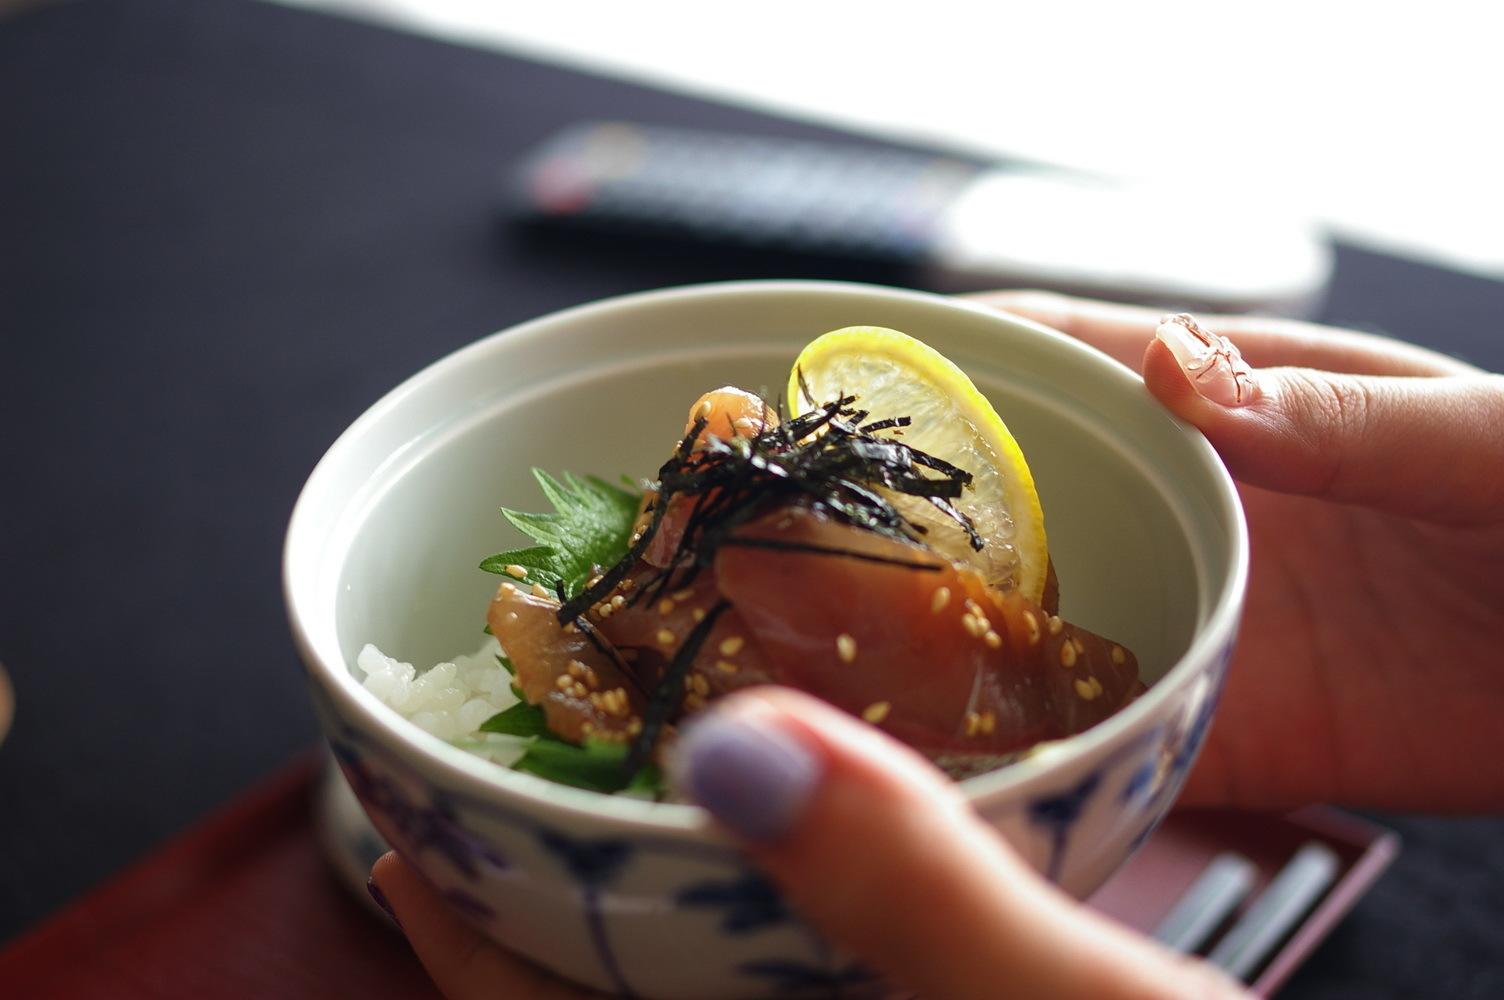 ハマチの胡麻醤油和え_d0327373_15303577.jpg